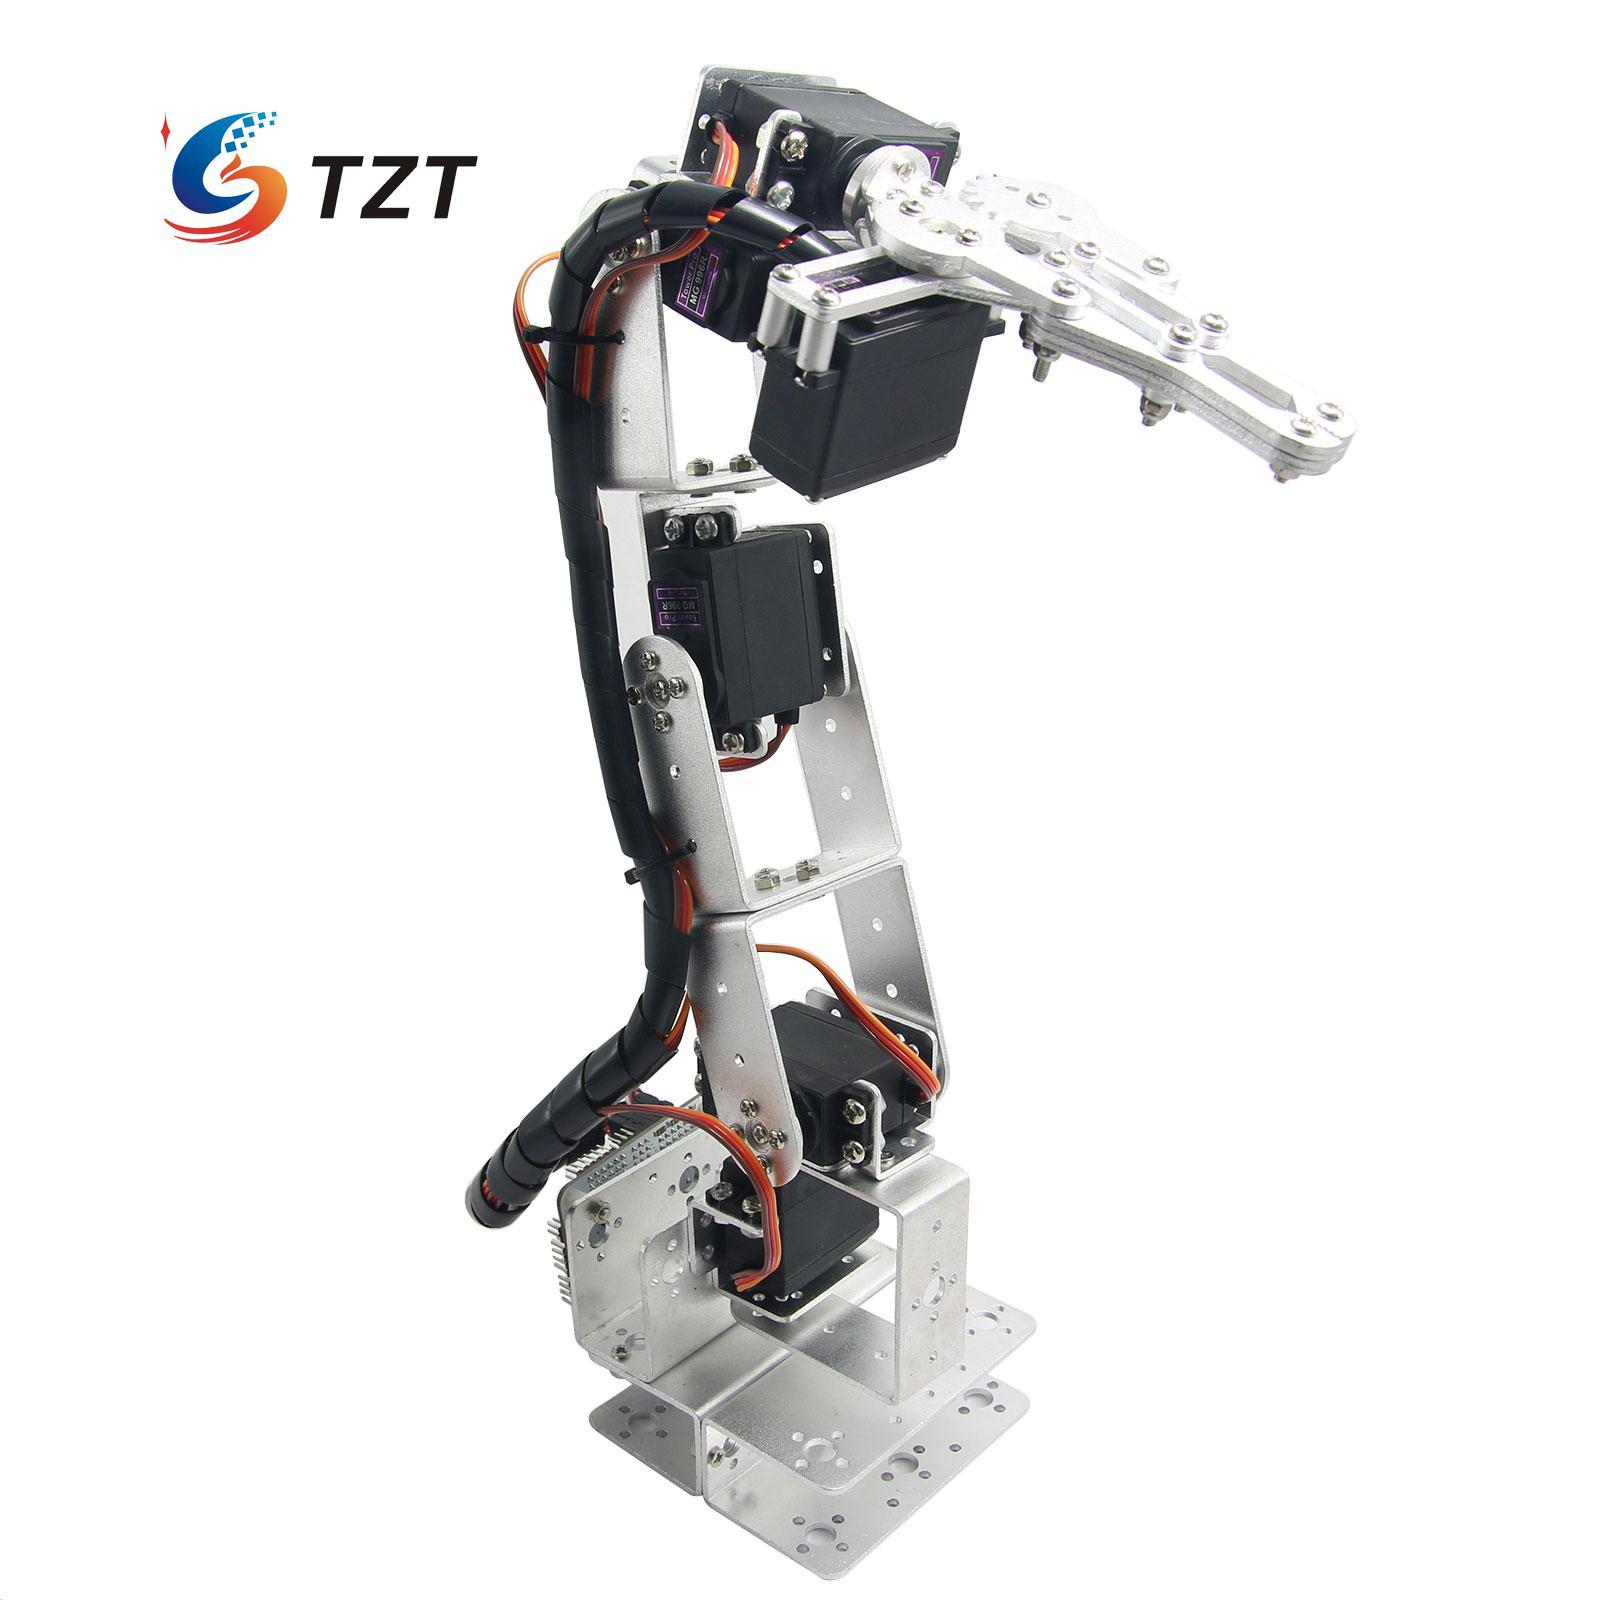 купить 6DOF Robot Arm Aluminium Clamp Claw Mount Kit Mechanical Robotic Arm & 6pcs Servos & Metal Servo Horn Silver недорого